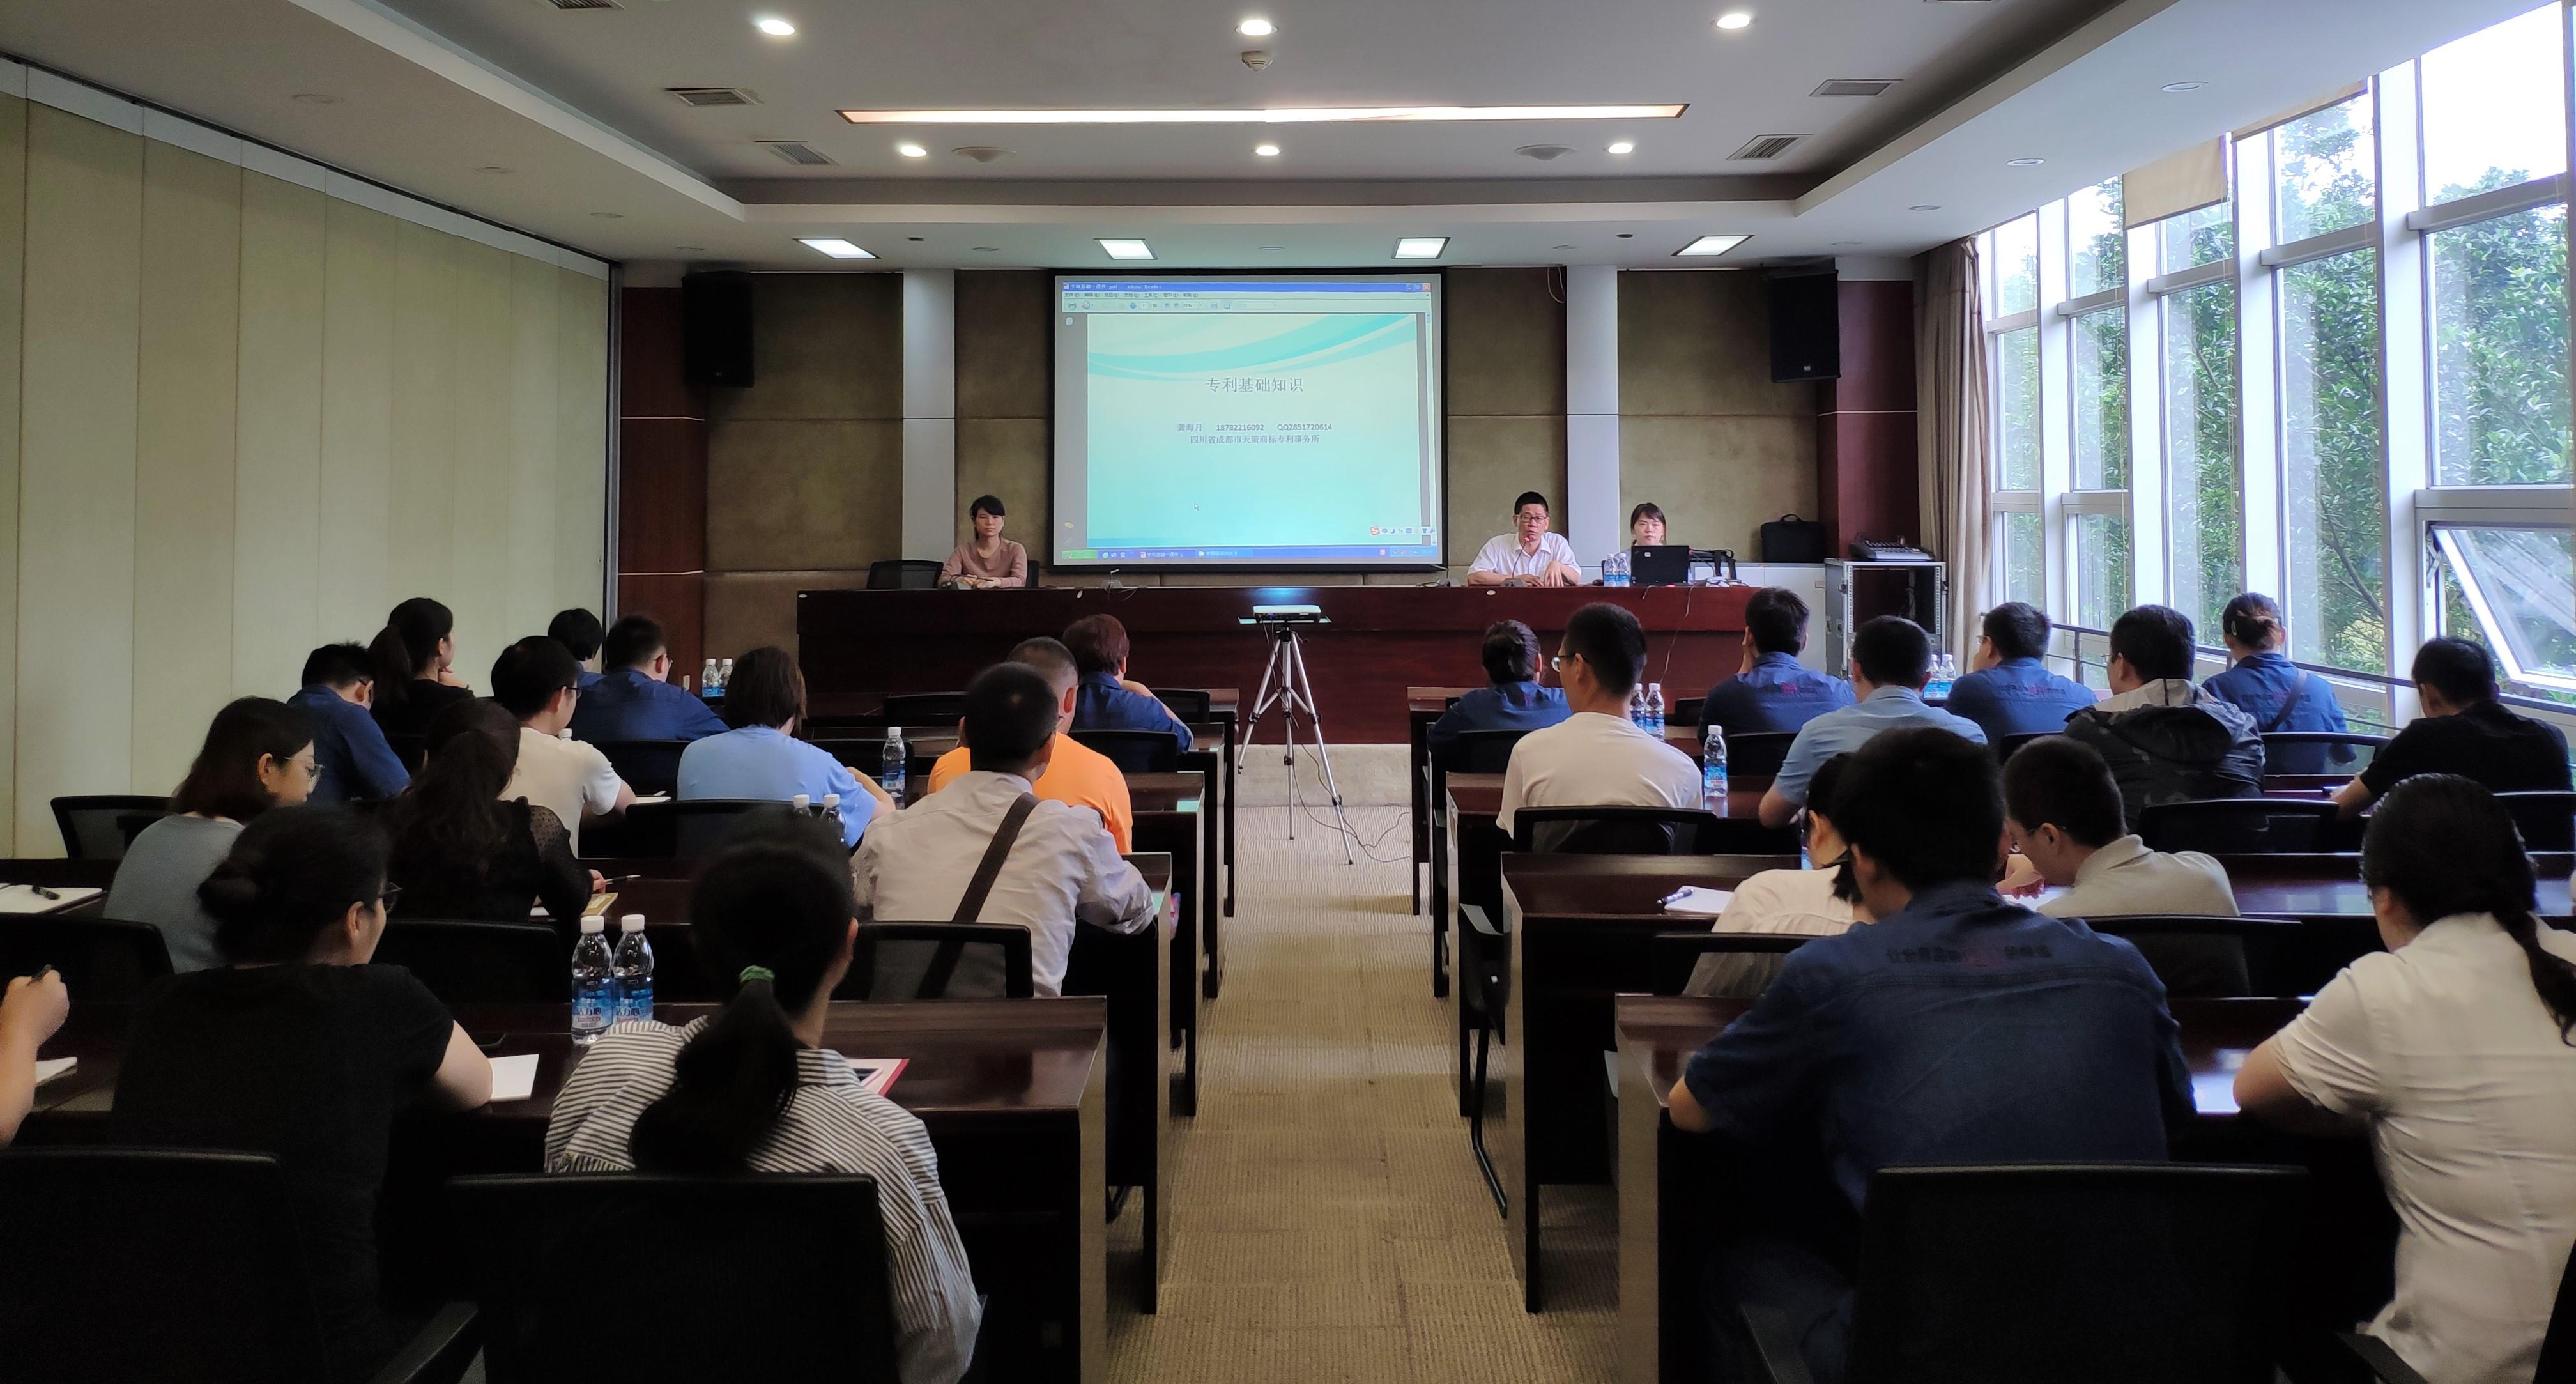 天策事务所受邀为中烟公司做专利知识培训